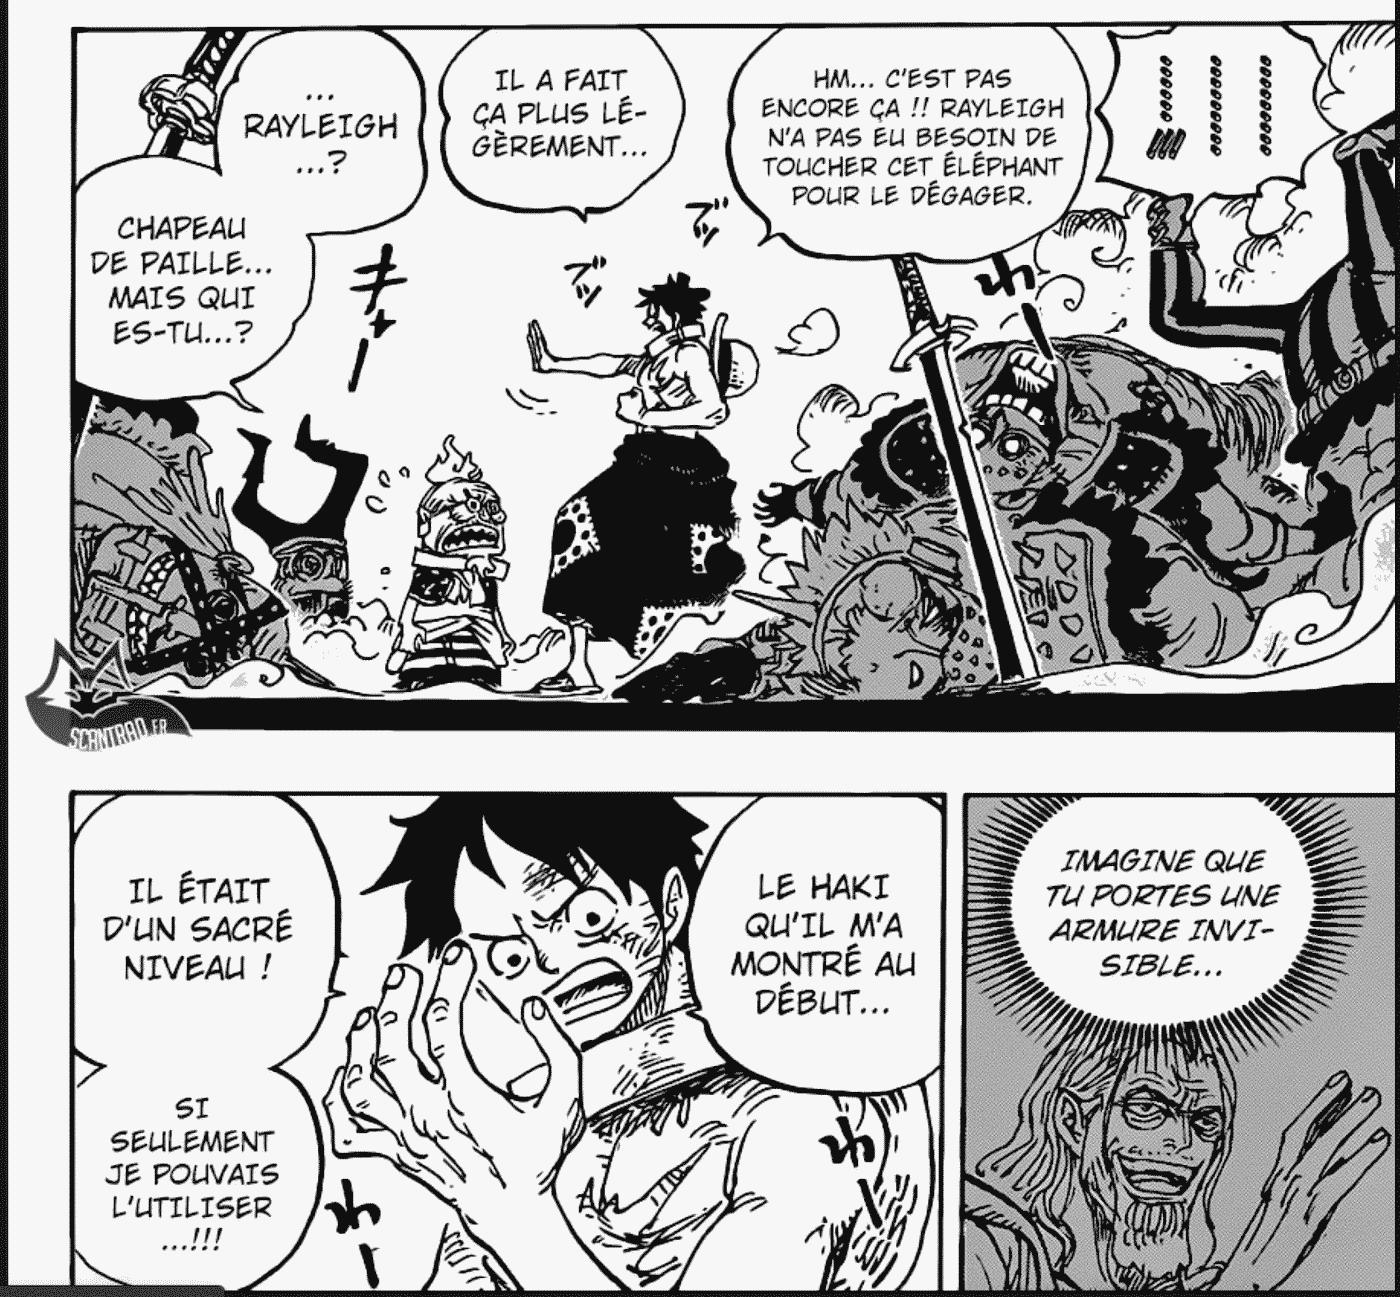 One Piece chapitre 946: Luffy a-t-il éveillé le nouveau pouvoir du Haki lorsqu'il à cassé les menottes? 8